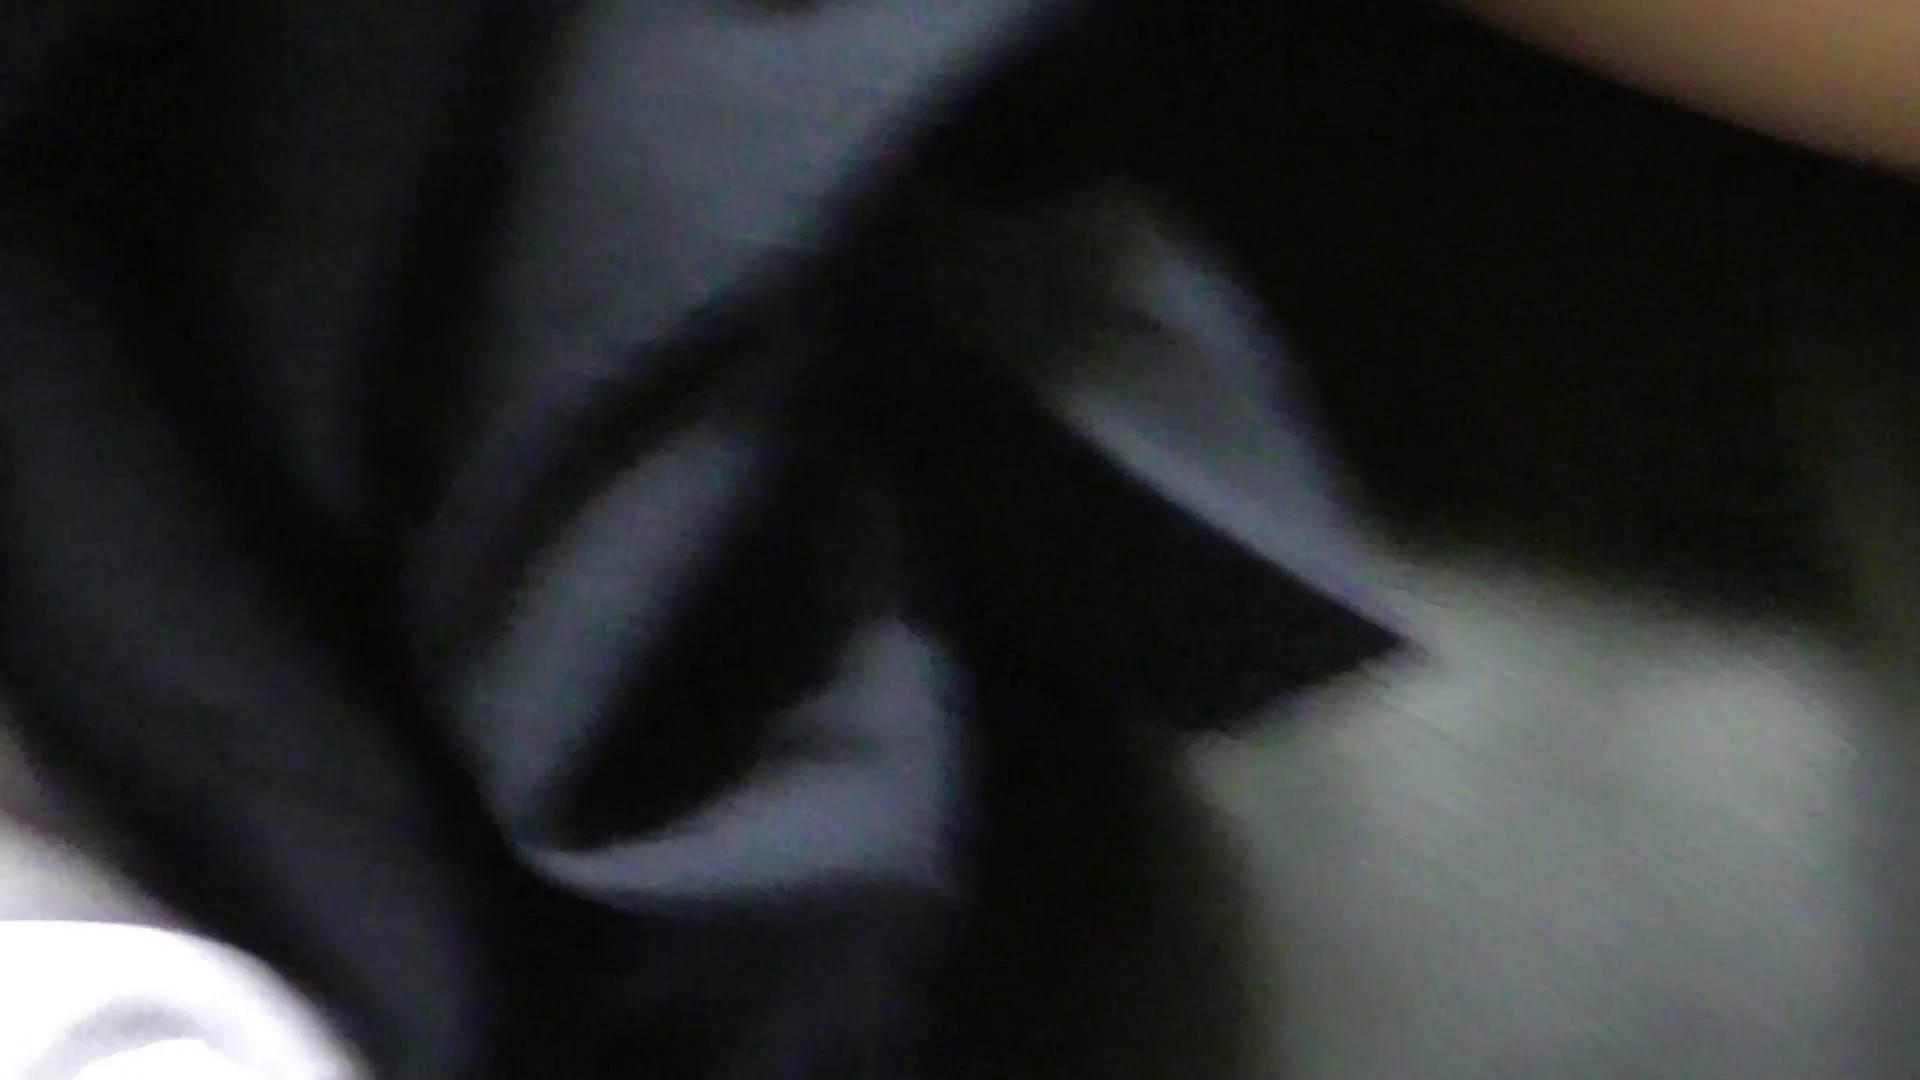 悪戯ネットカフェ Vol14 よく似ているJDにかけちゃった。 潜入 隠し撮りAV無料 87pic 83